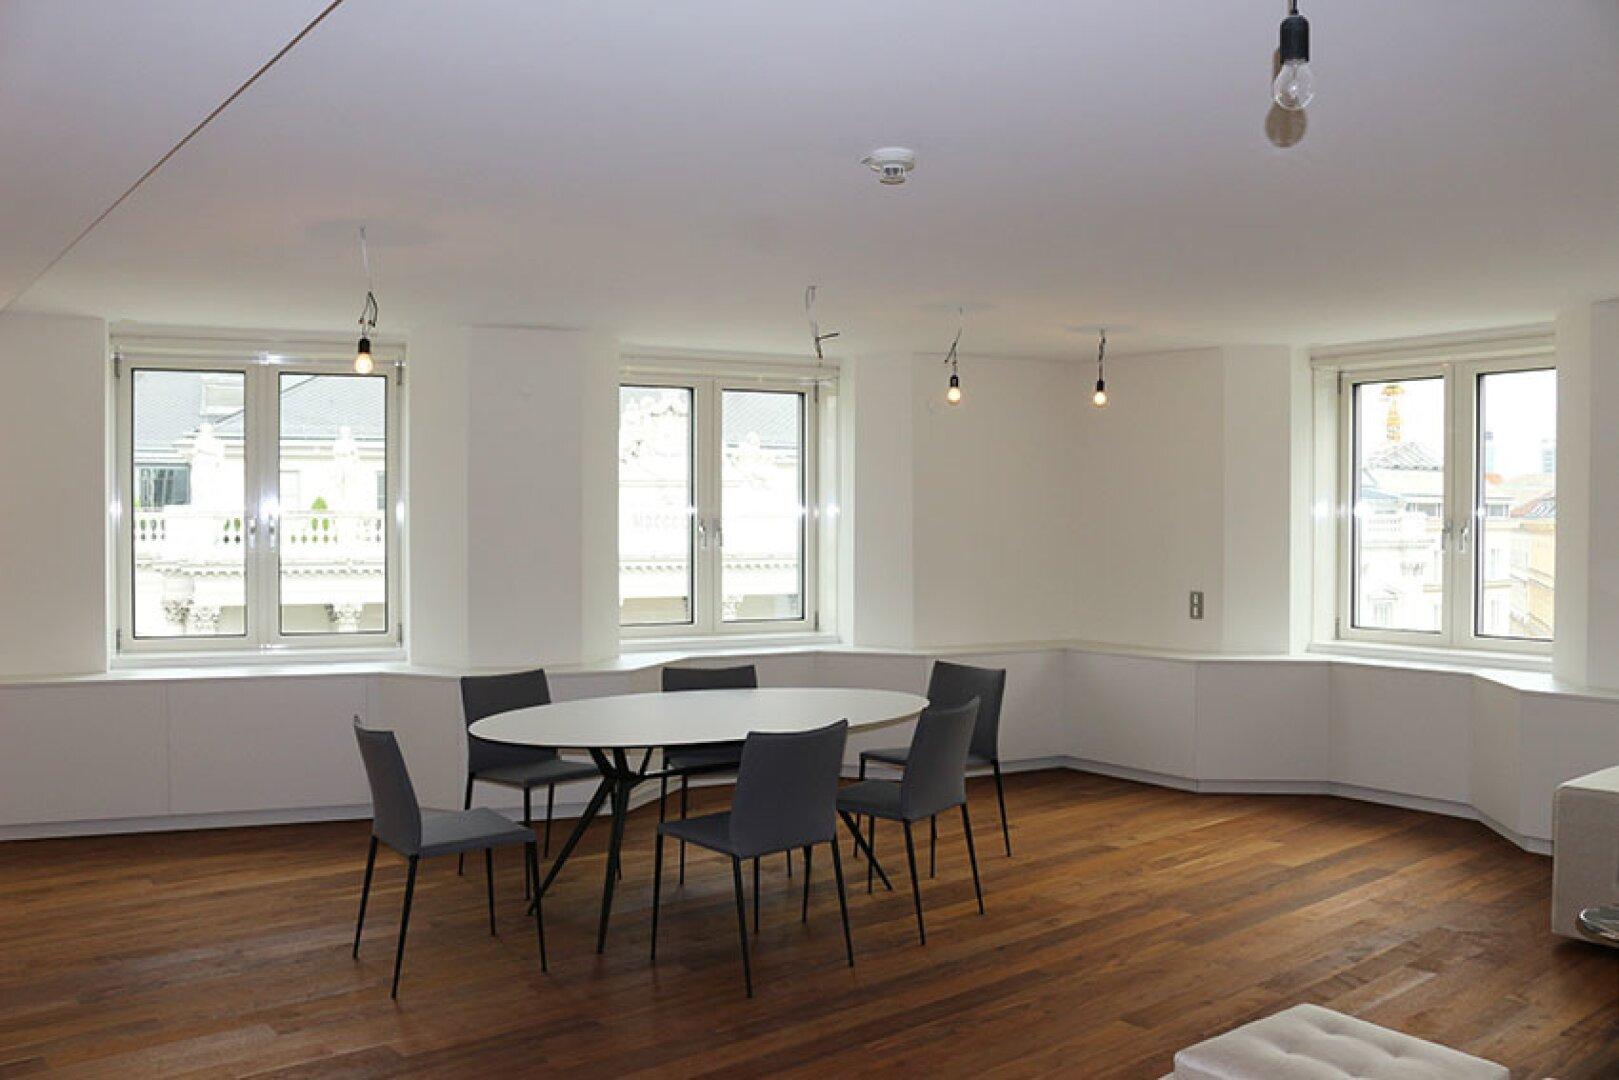 Wohnsalon mit integrierter Küche